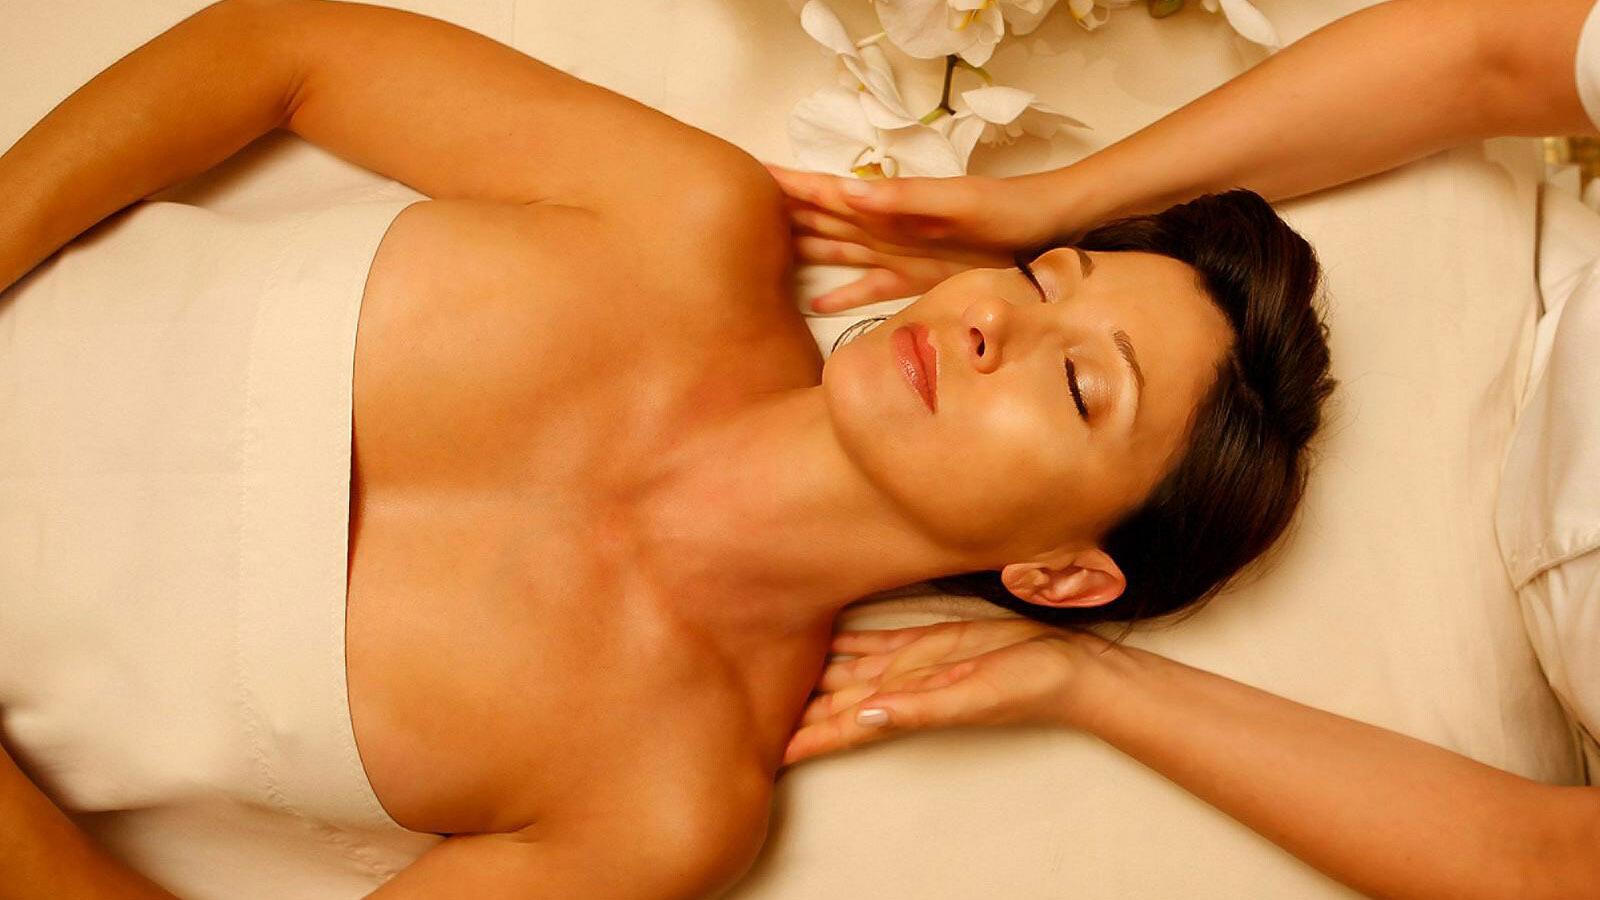 Японка оргазм на массаже, Оргазм на японском массаже - видео 30 фотография